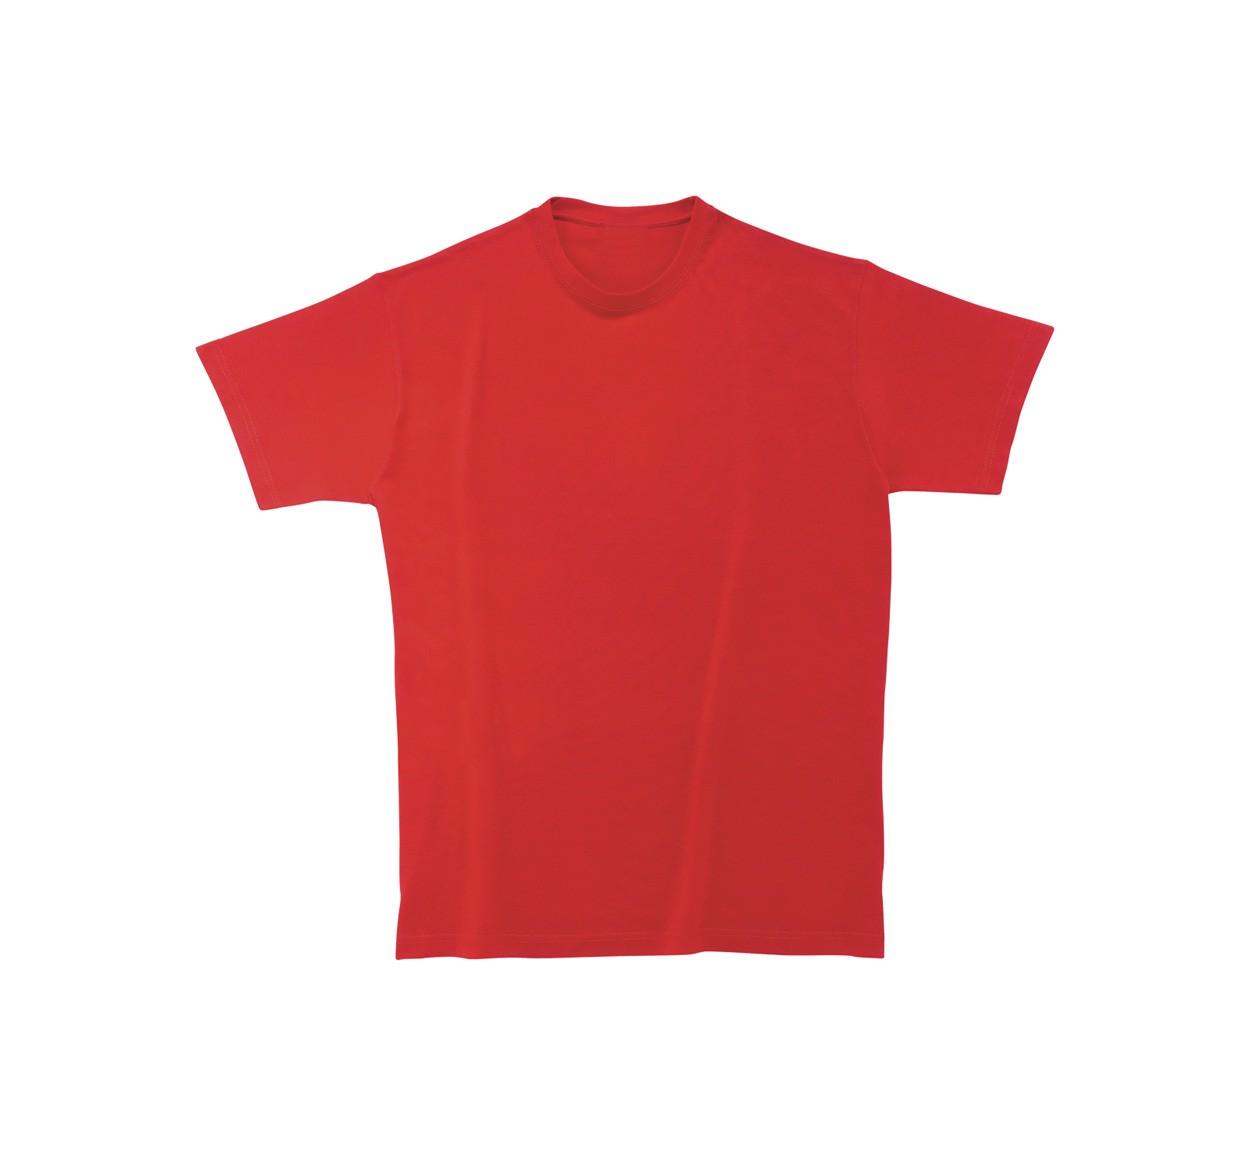 Tričko Pro Děti HC Junior - Červená / S